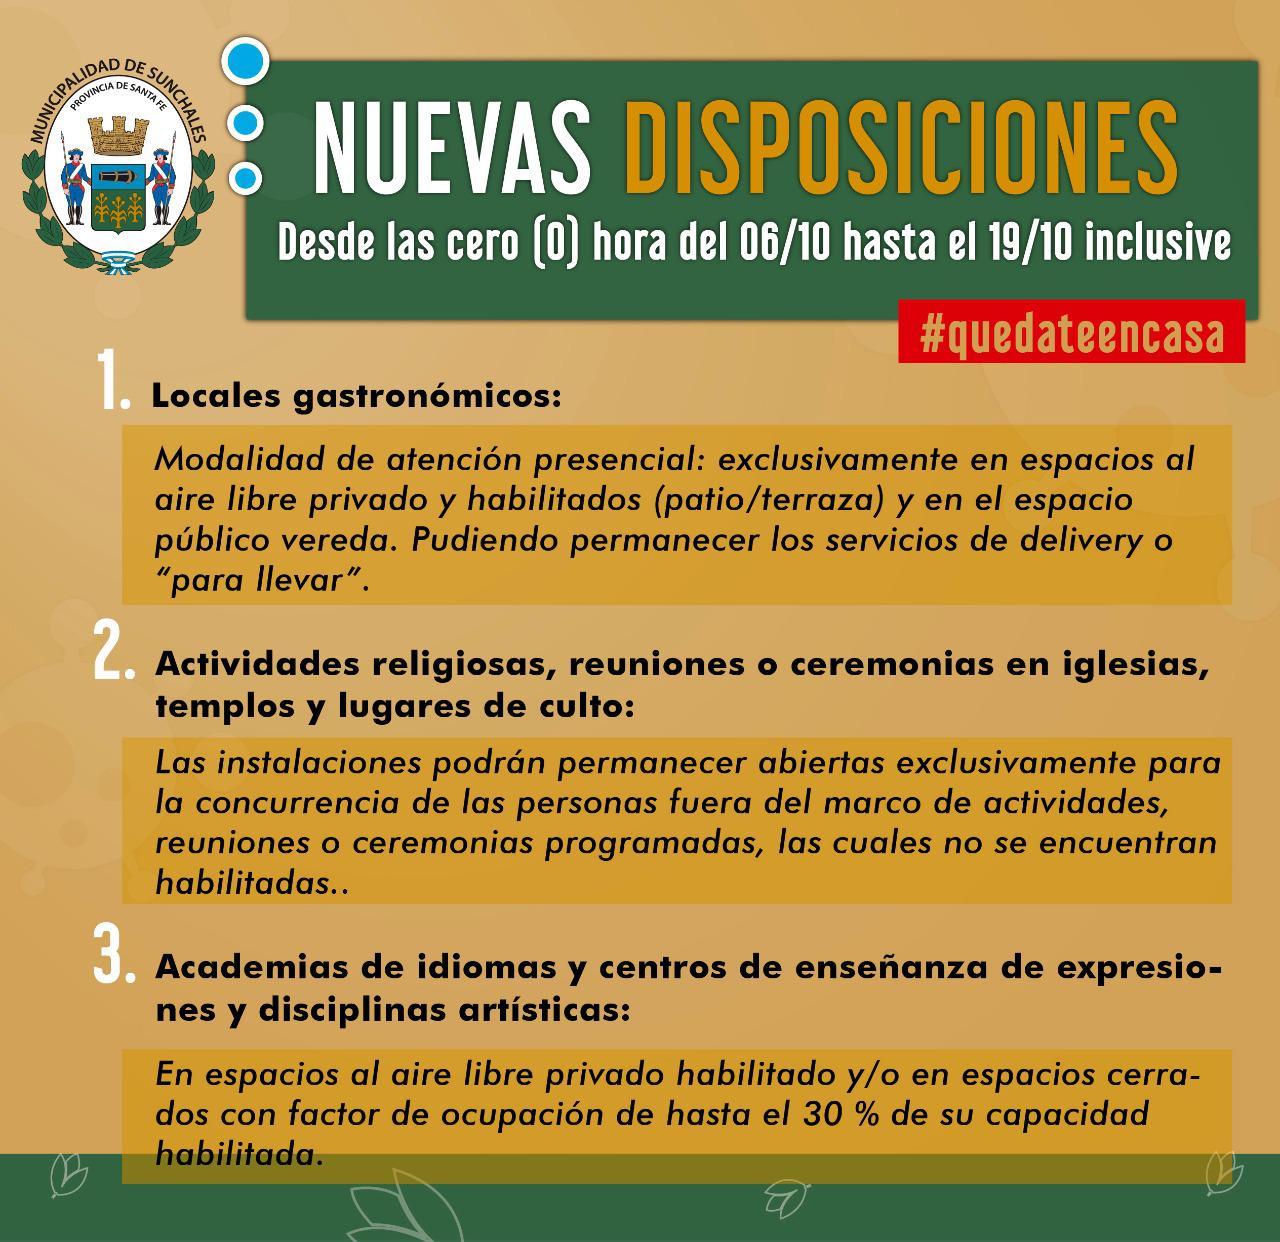 Nuevas disposiciones - 5-10-20 - 2